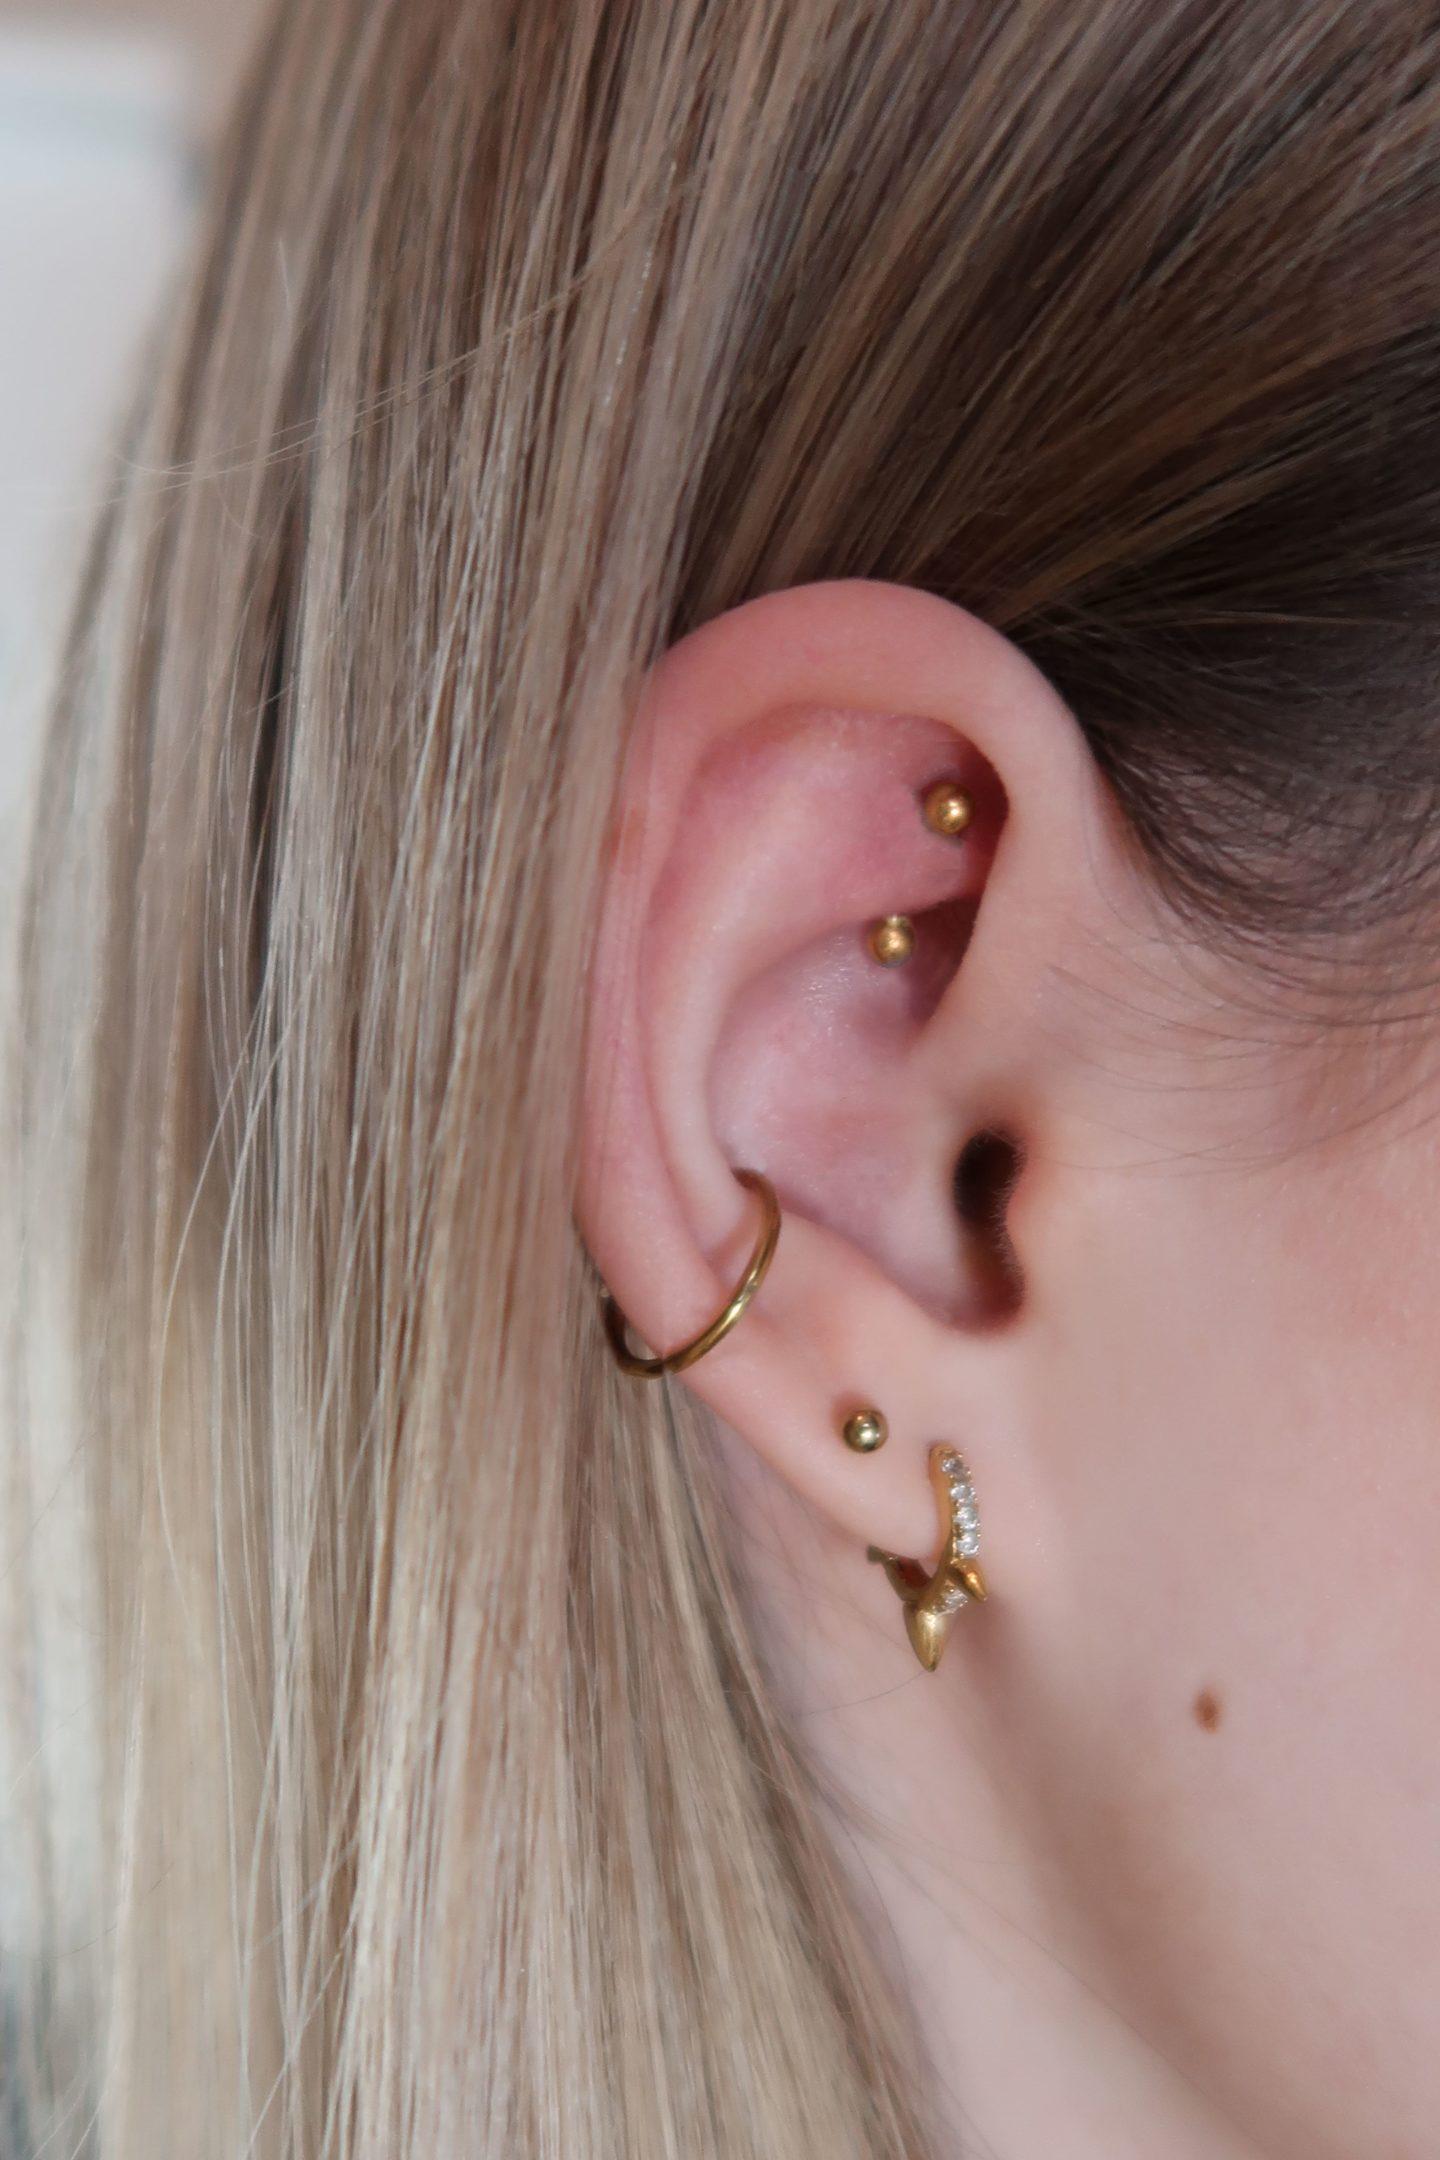 Meine Piercings am Ohr – Erfahrungen und Schmerzen